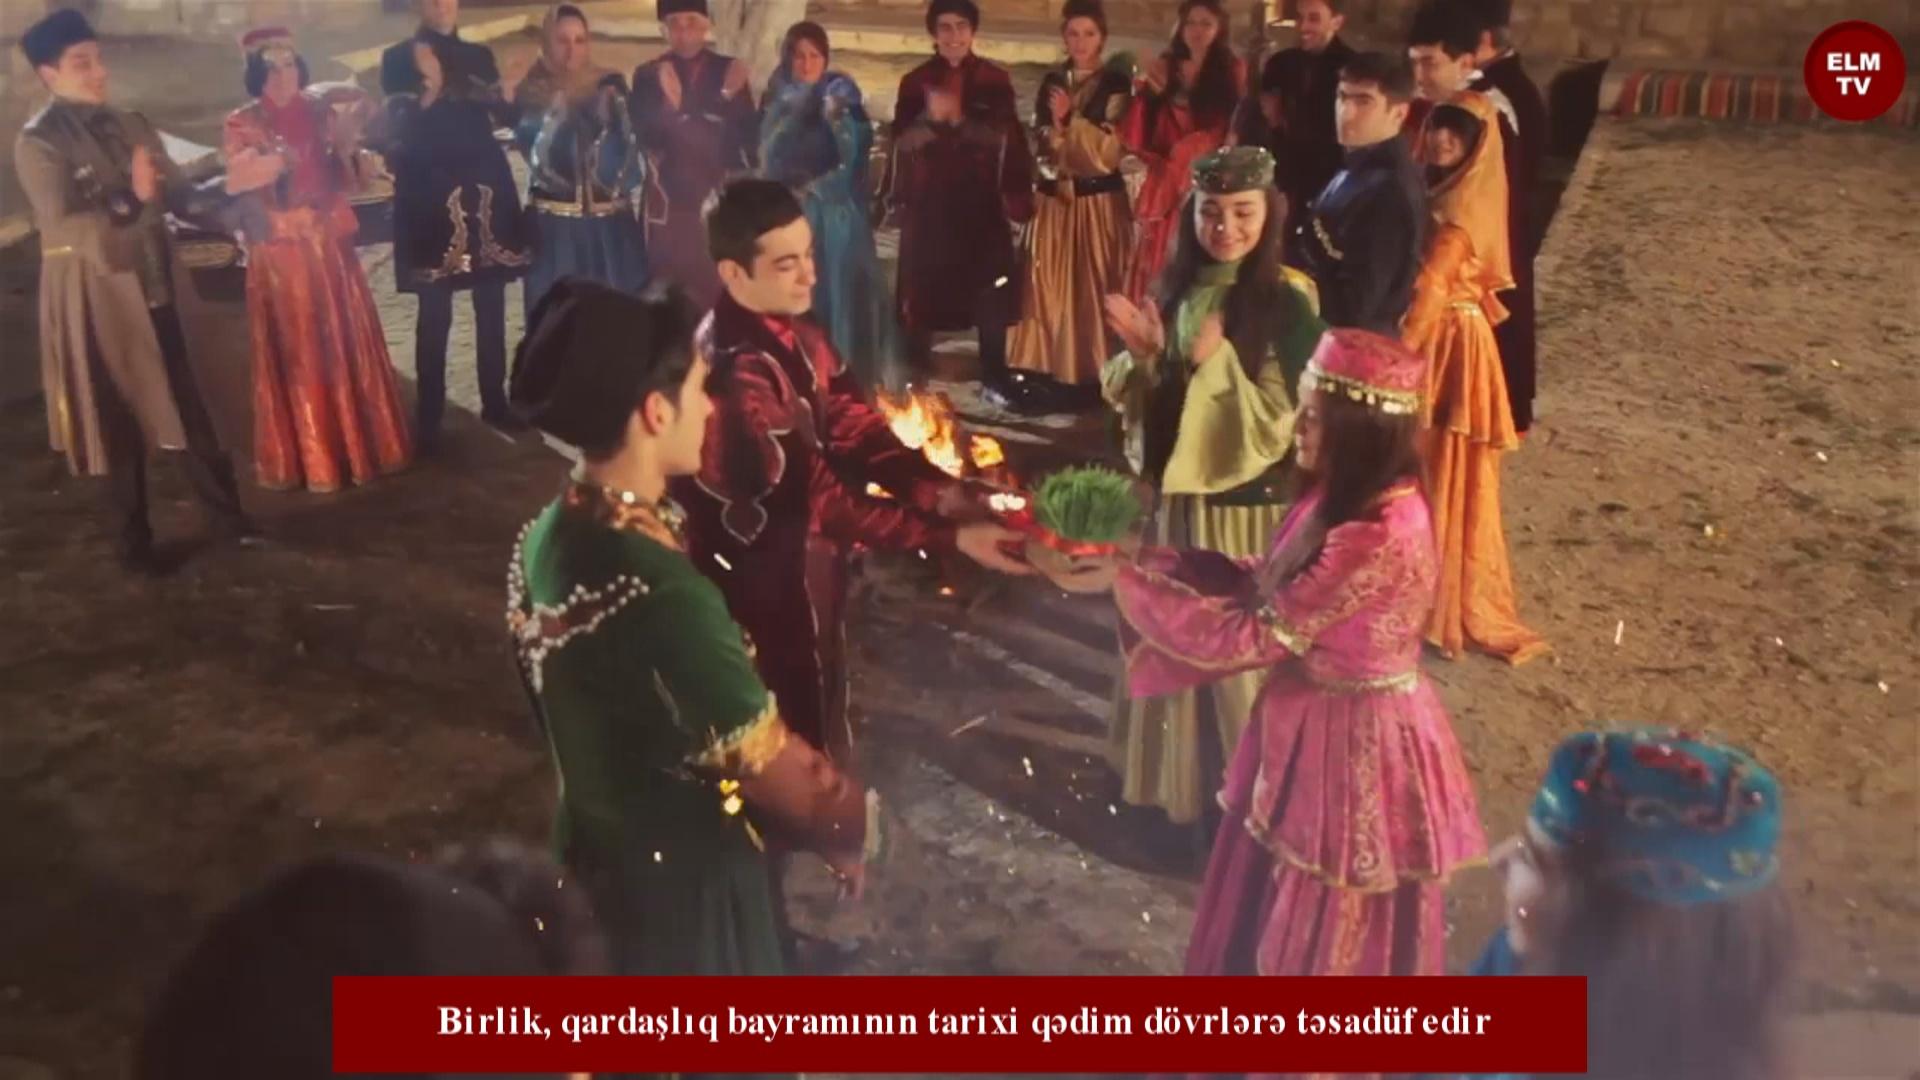 Birlik, qardaşlıq bayramının tarixi qədim dövrlərə təsadüf edir